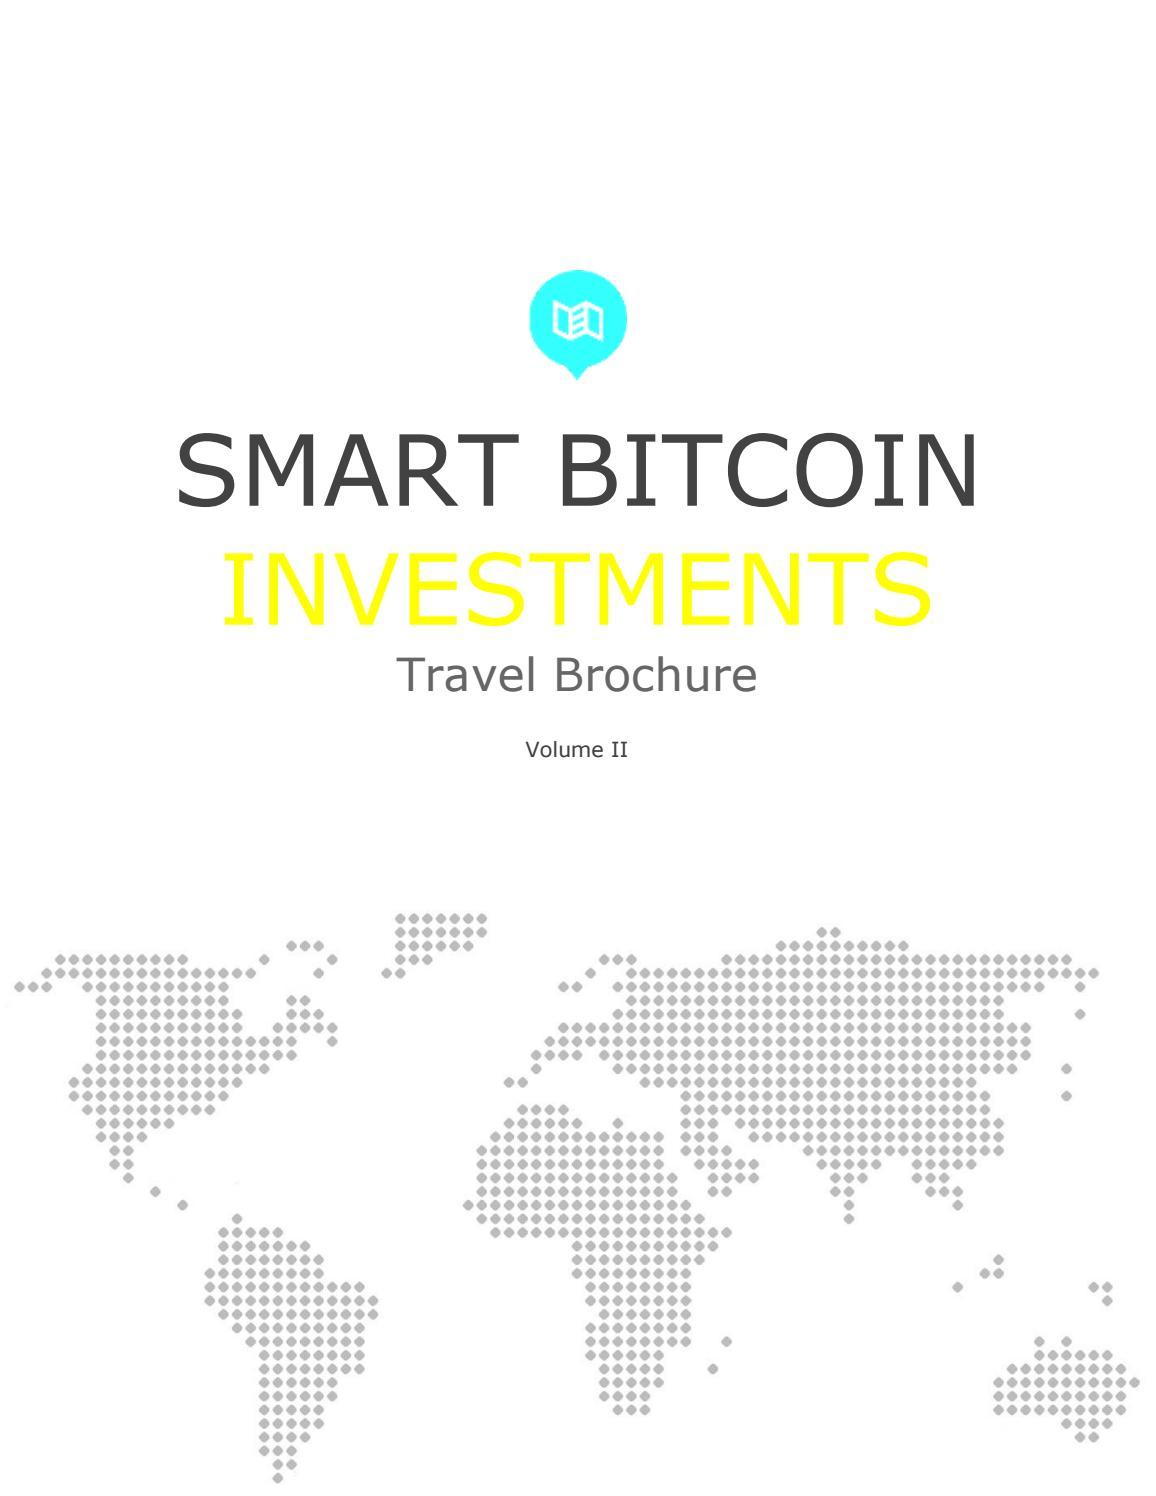 shoulf investo in monete alt o bitcoin scambia bitcoin al tether